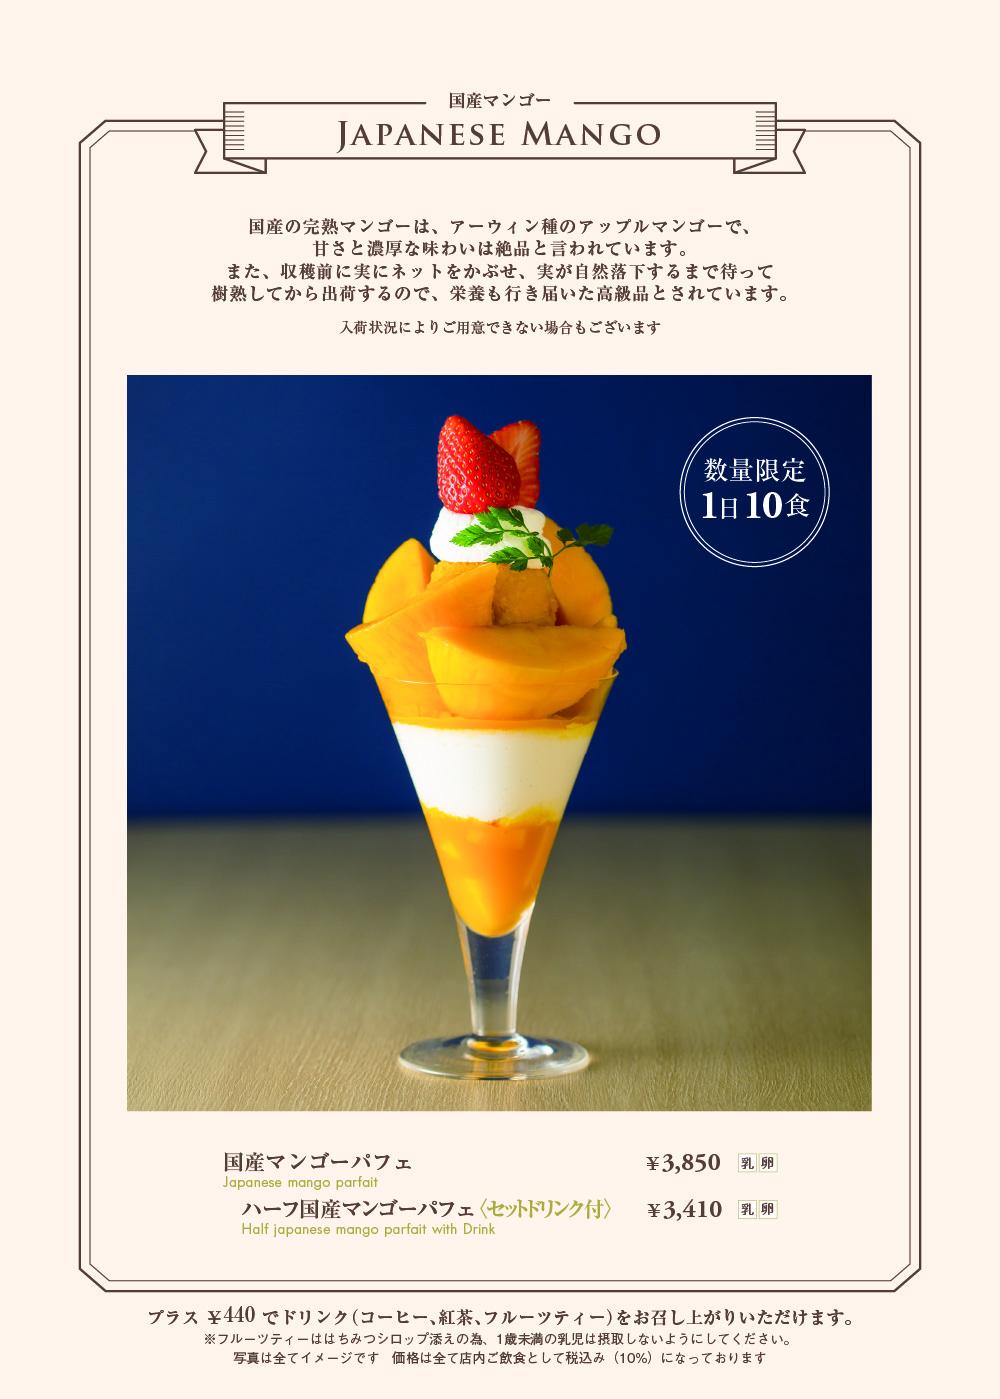 japanse_mango_ebisu1000